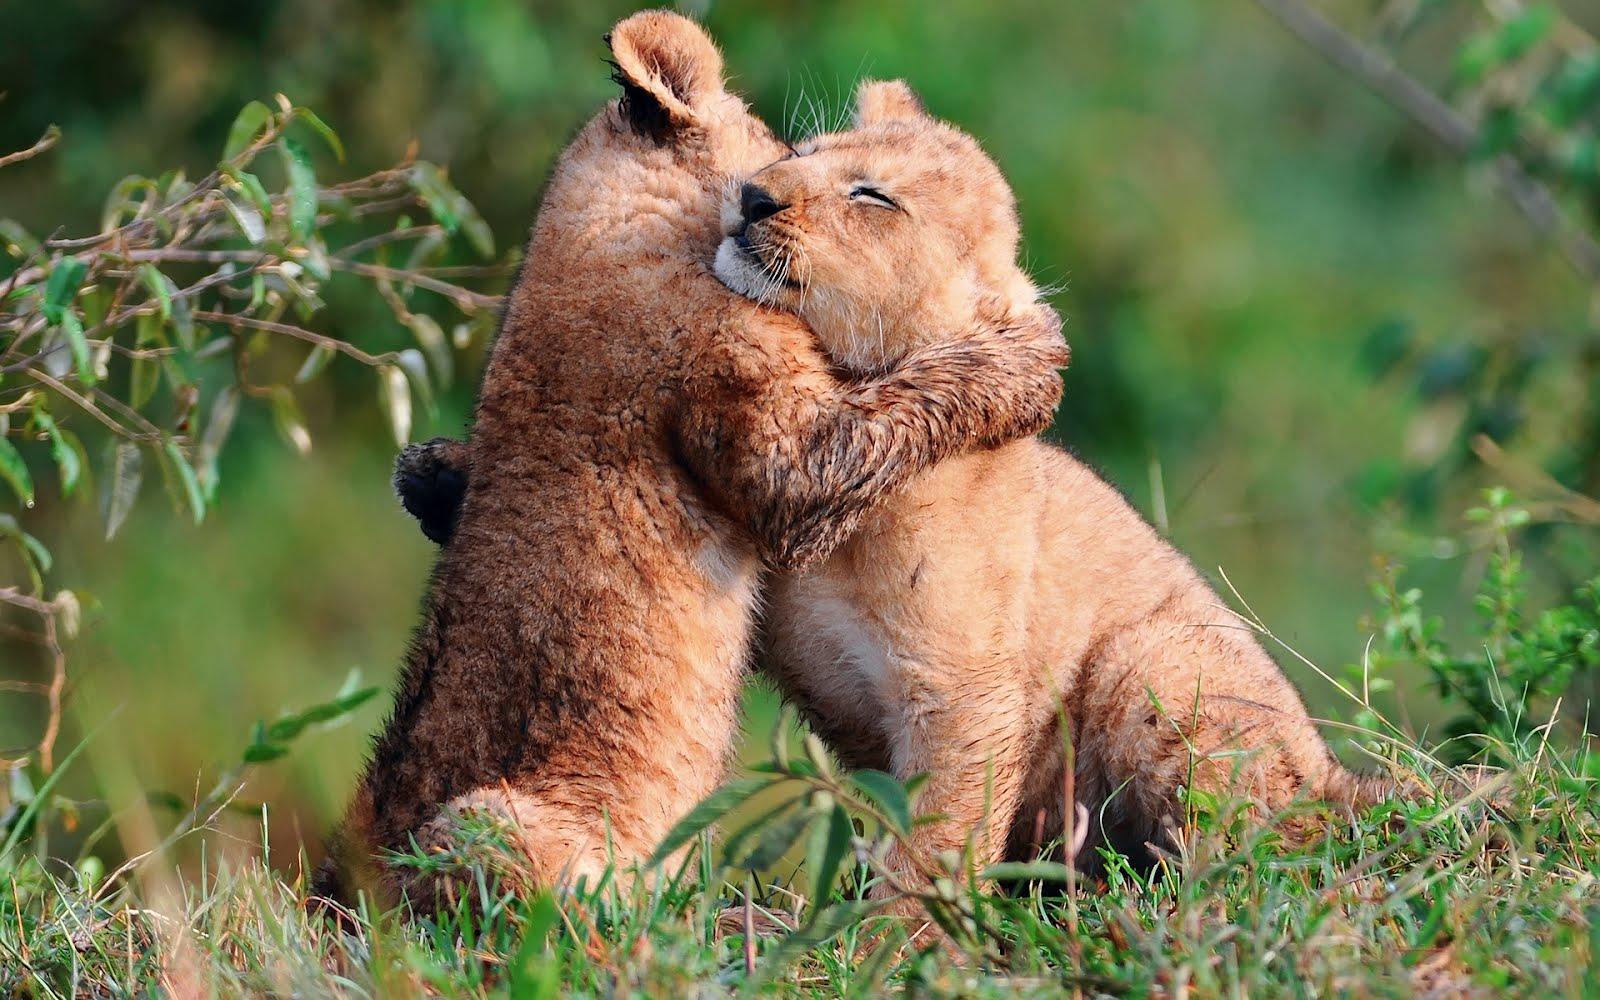 feliz cumpleaños marina!!!!!! Baby-lions-hug-abrazo-de-leones-amor-de-animales-